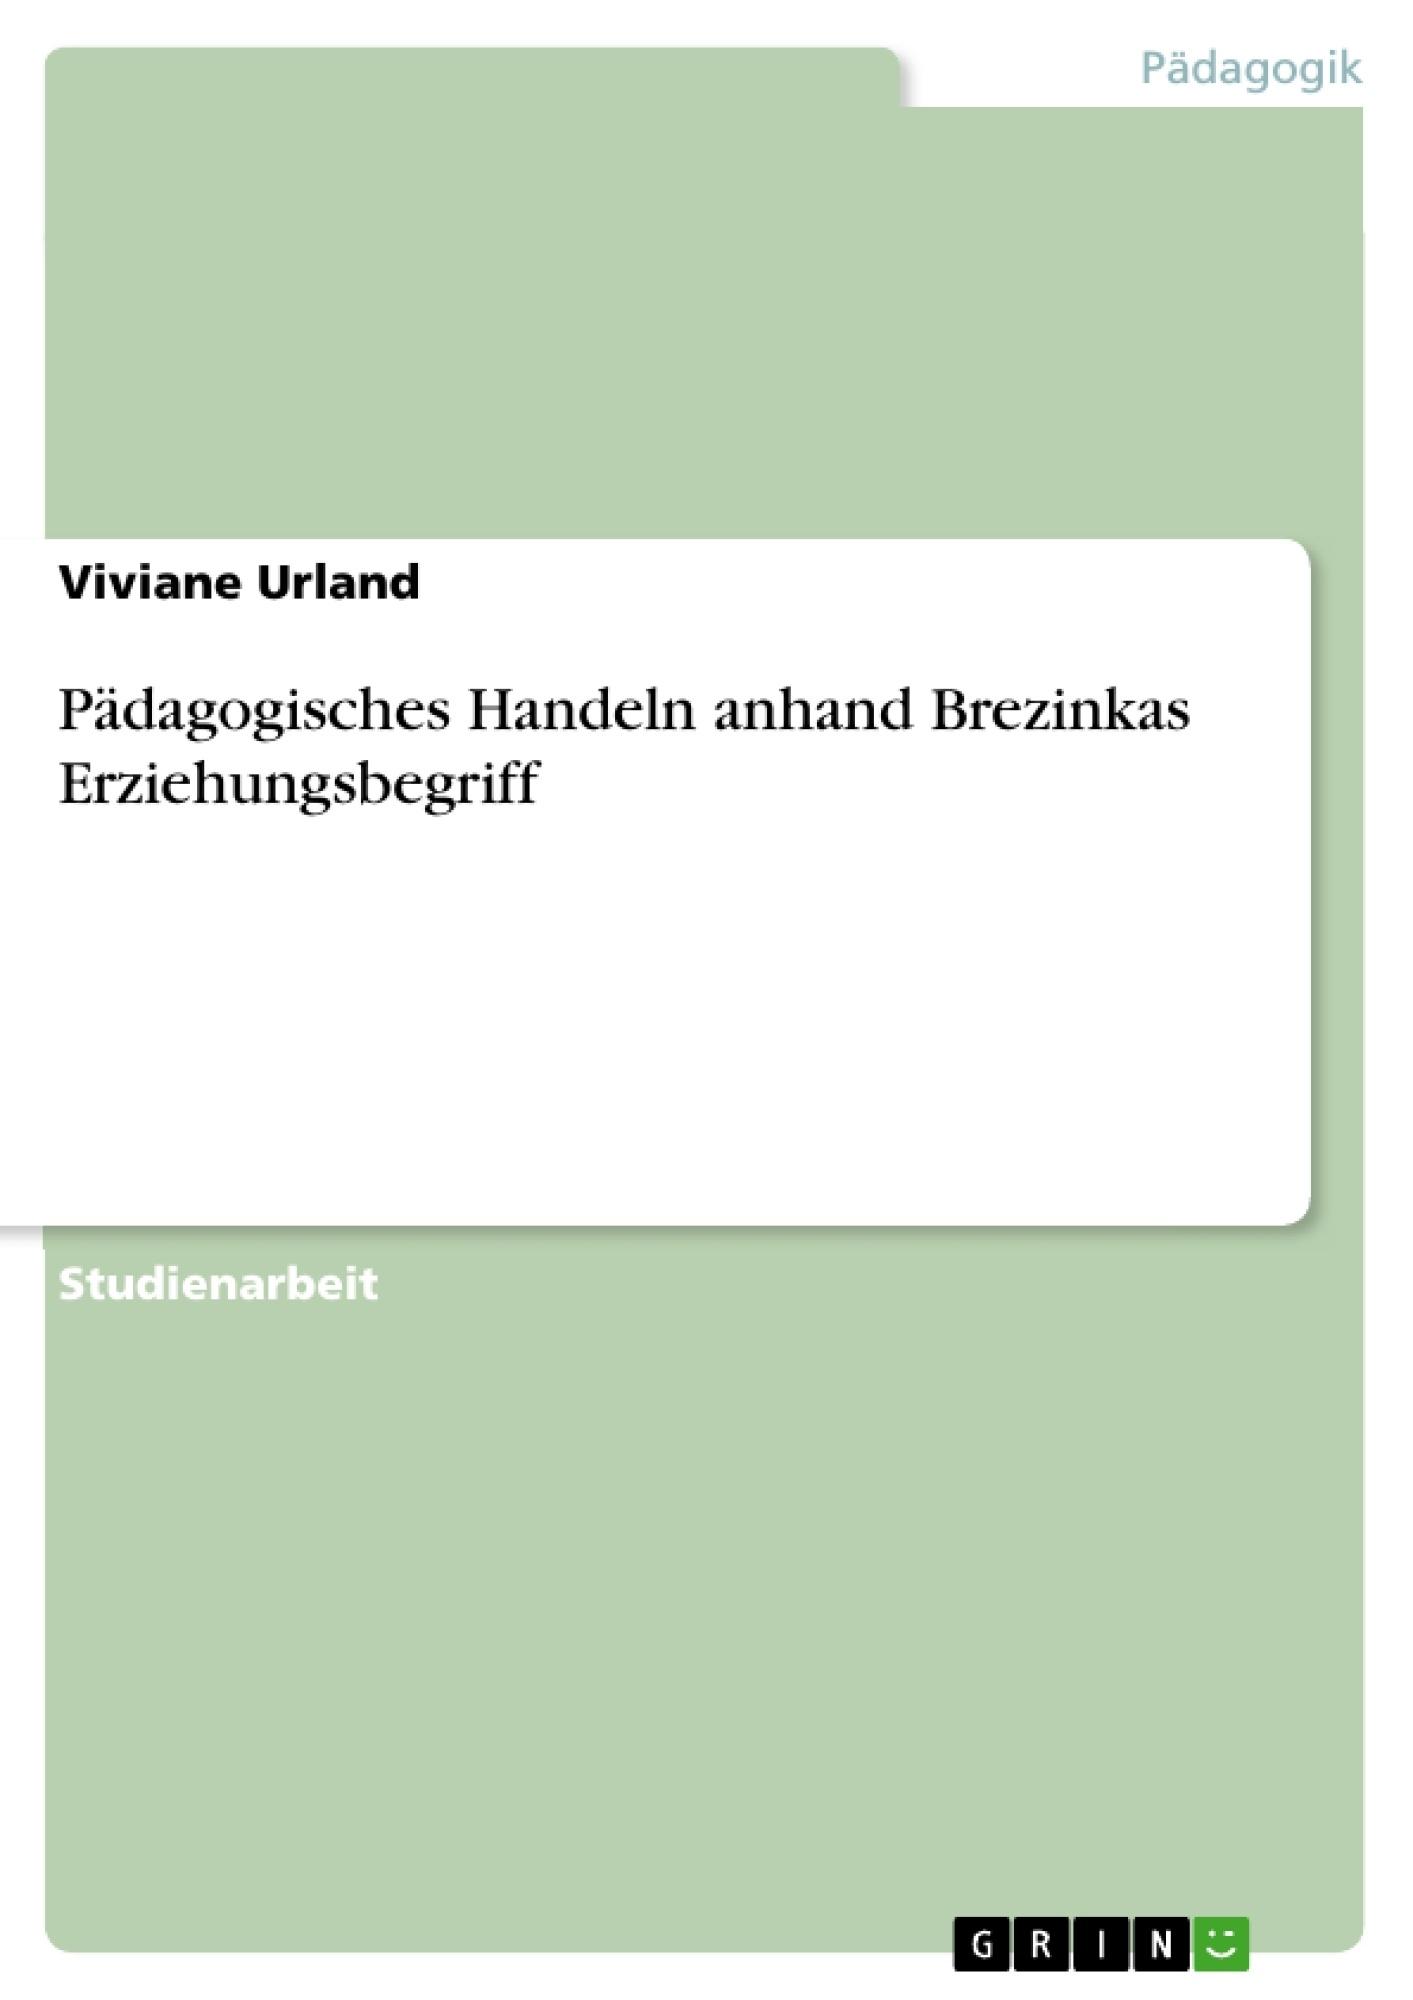 Titel: Pädagogisches Handeln anhand Brezinkas Erziehungsbegriff